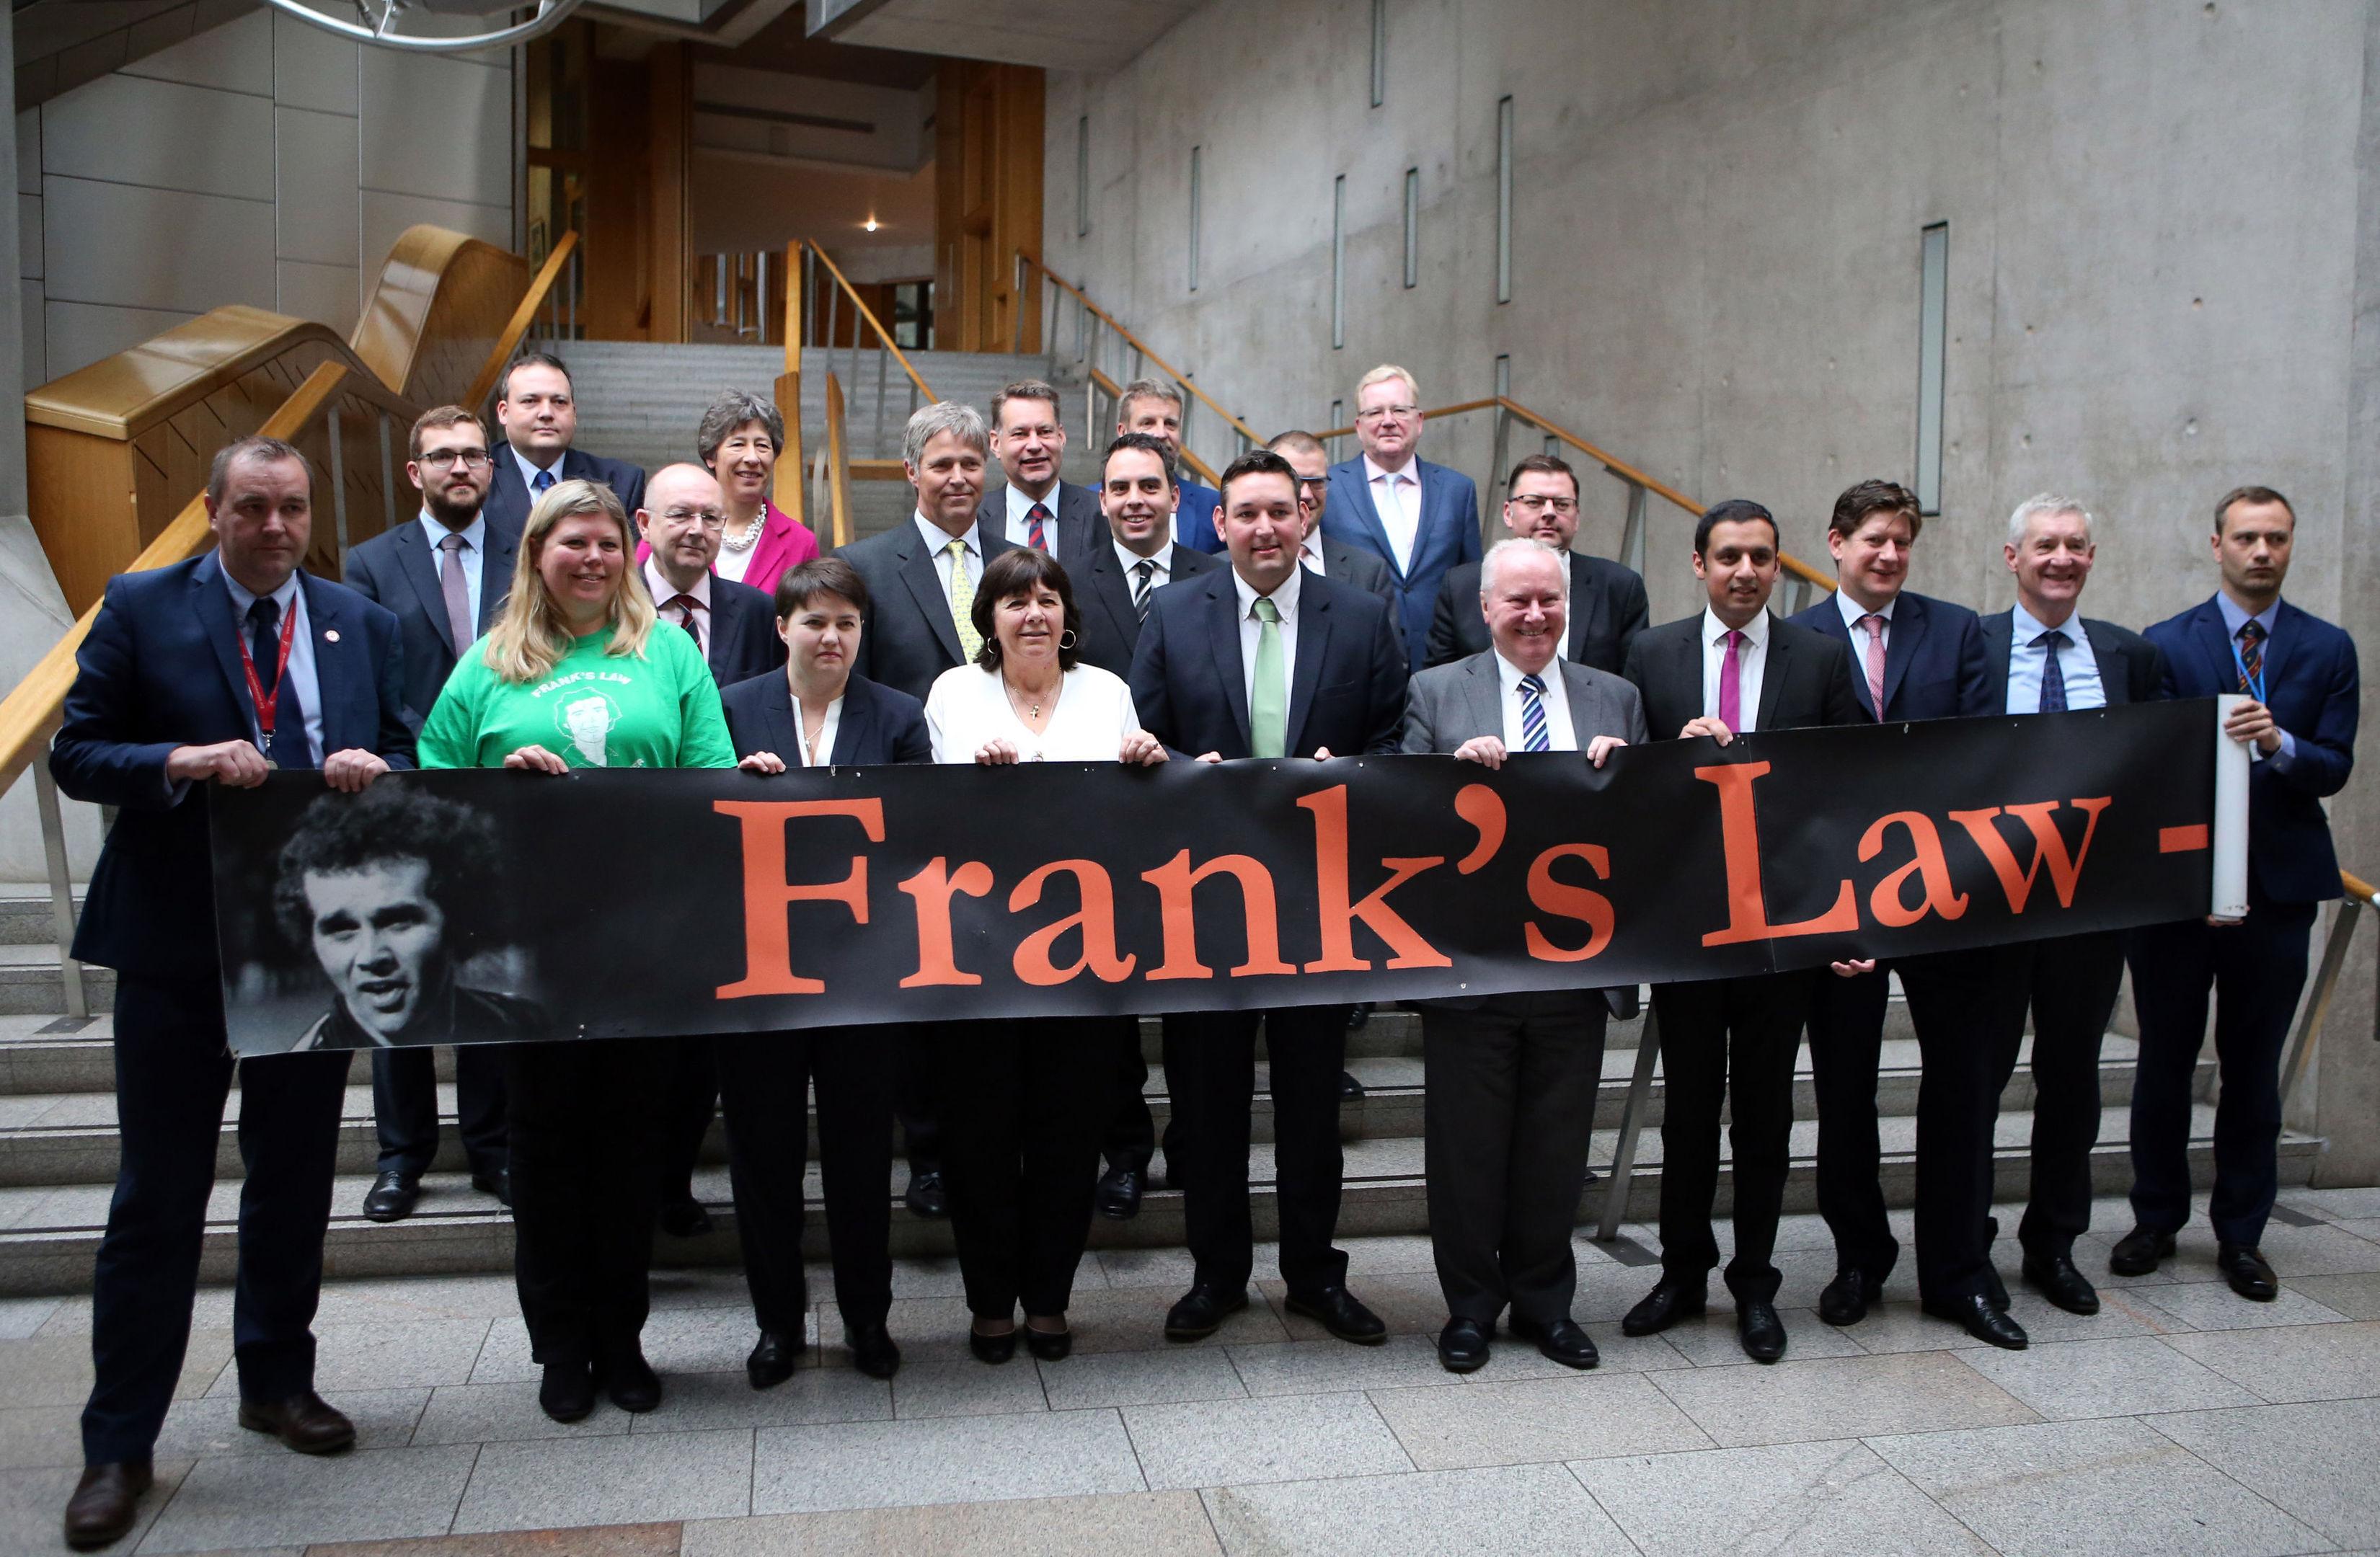 MSPs join Amanda Kopel a Frank's Law bill is lodged at Holyrood